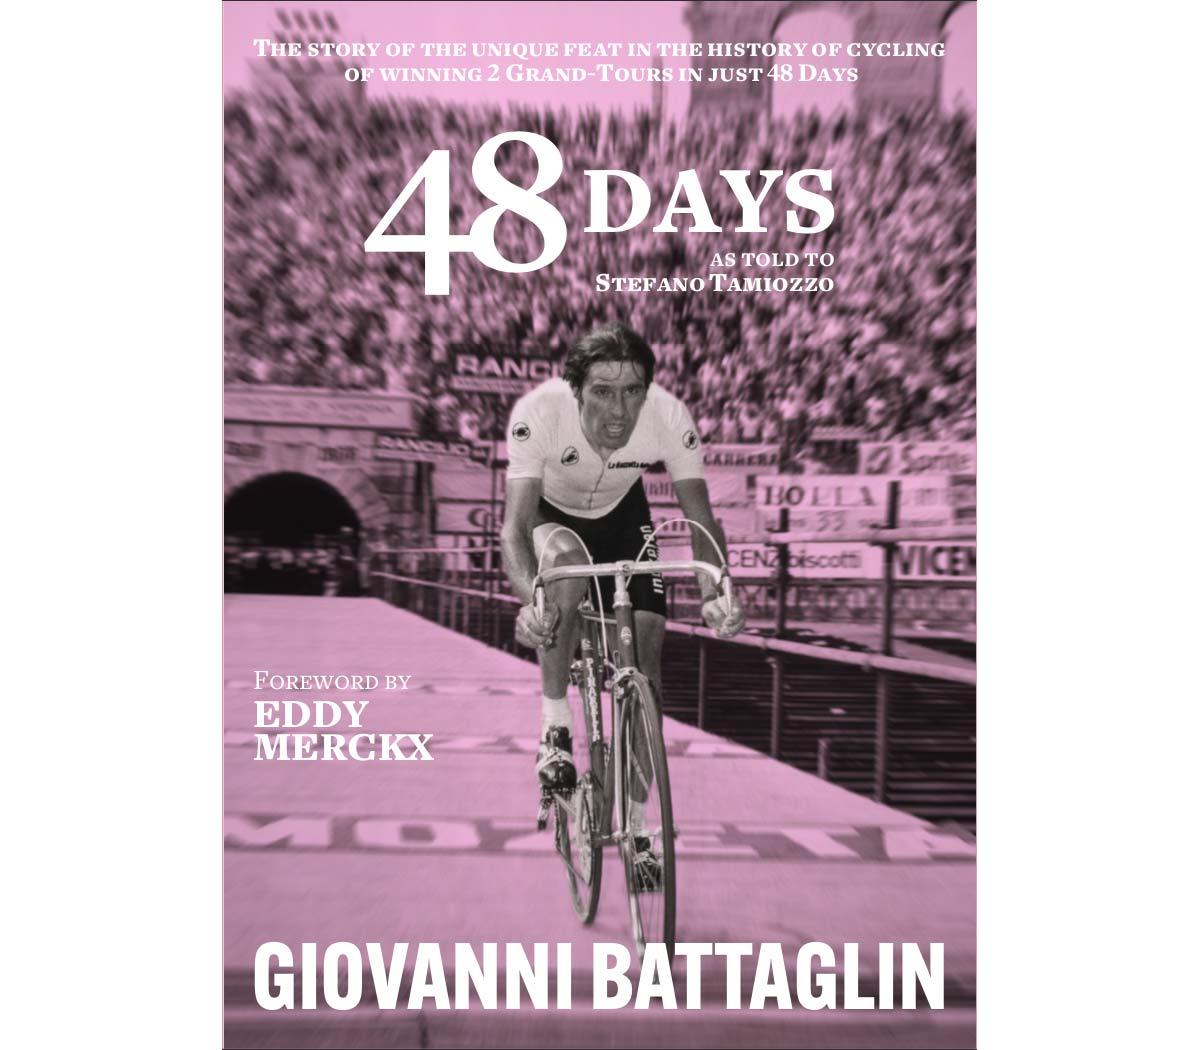 48-Days-racing-memoir-of-Giovanni-Battaglin-special-Edizione-Collezionista-limited-Collectors-Edition-Battaglin-signed-memoir-and-replica-1981-Maglia-Rosa_cover.jpg